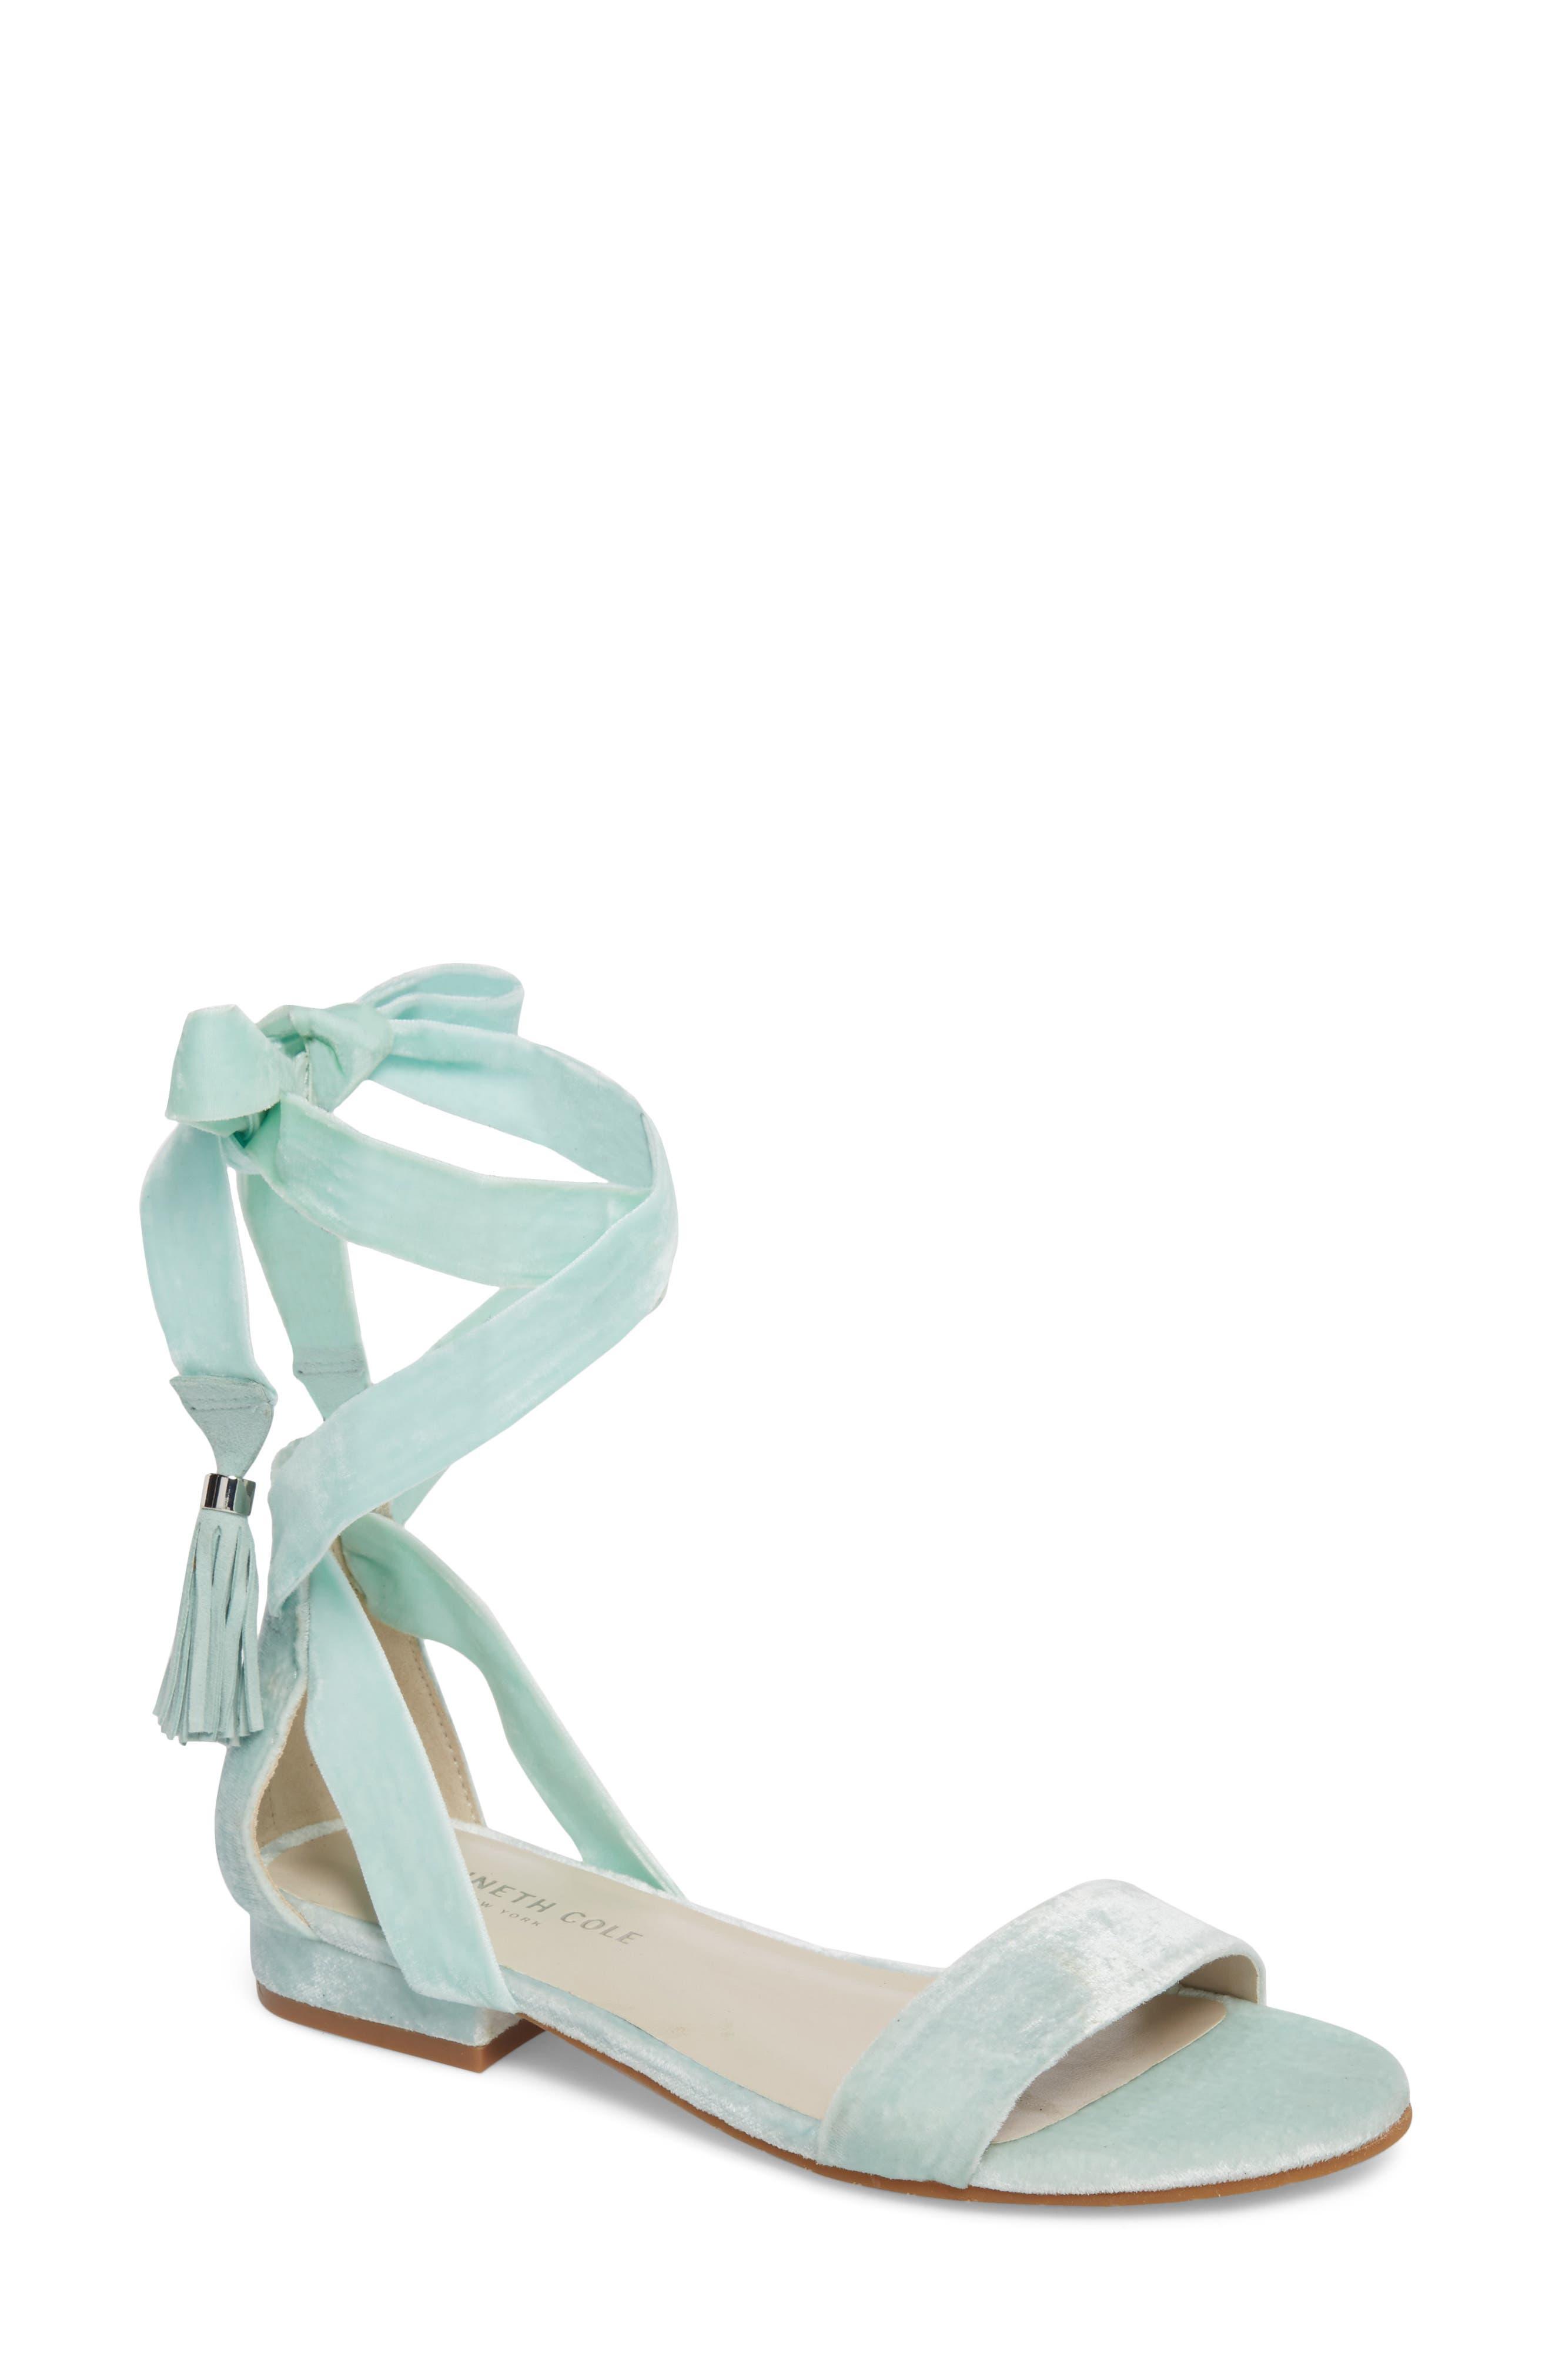 Valen Tassel Lace-Up Sandal,                             Main thumbnail 8, color,